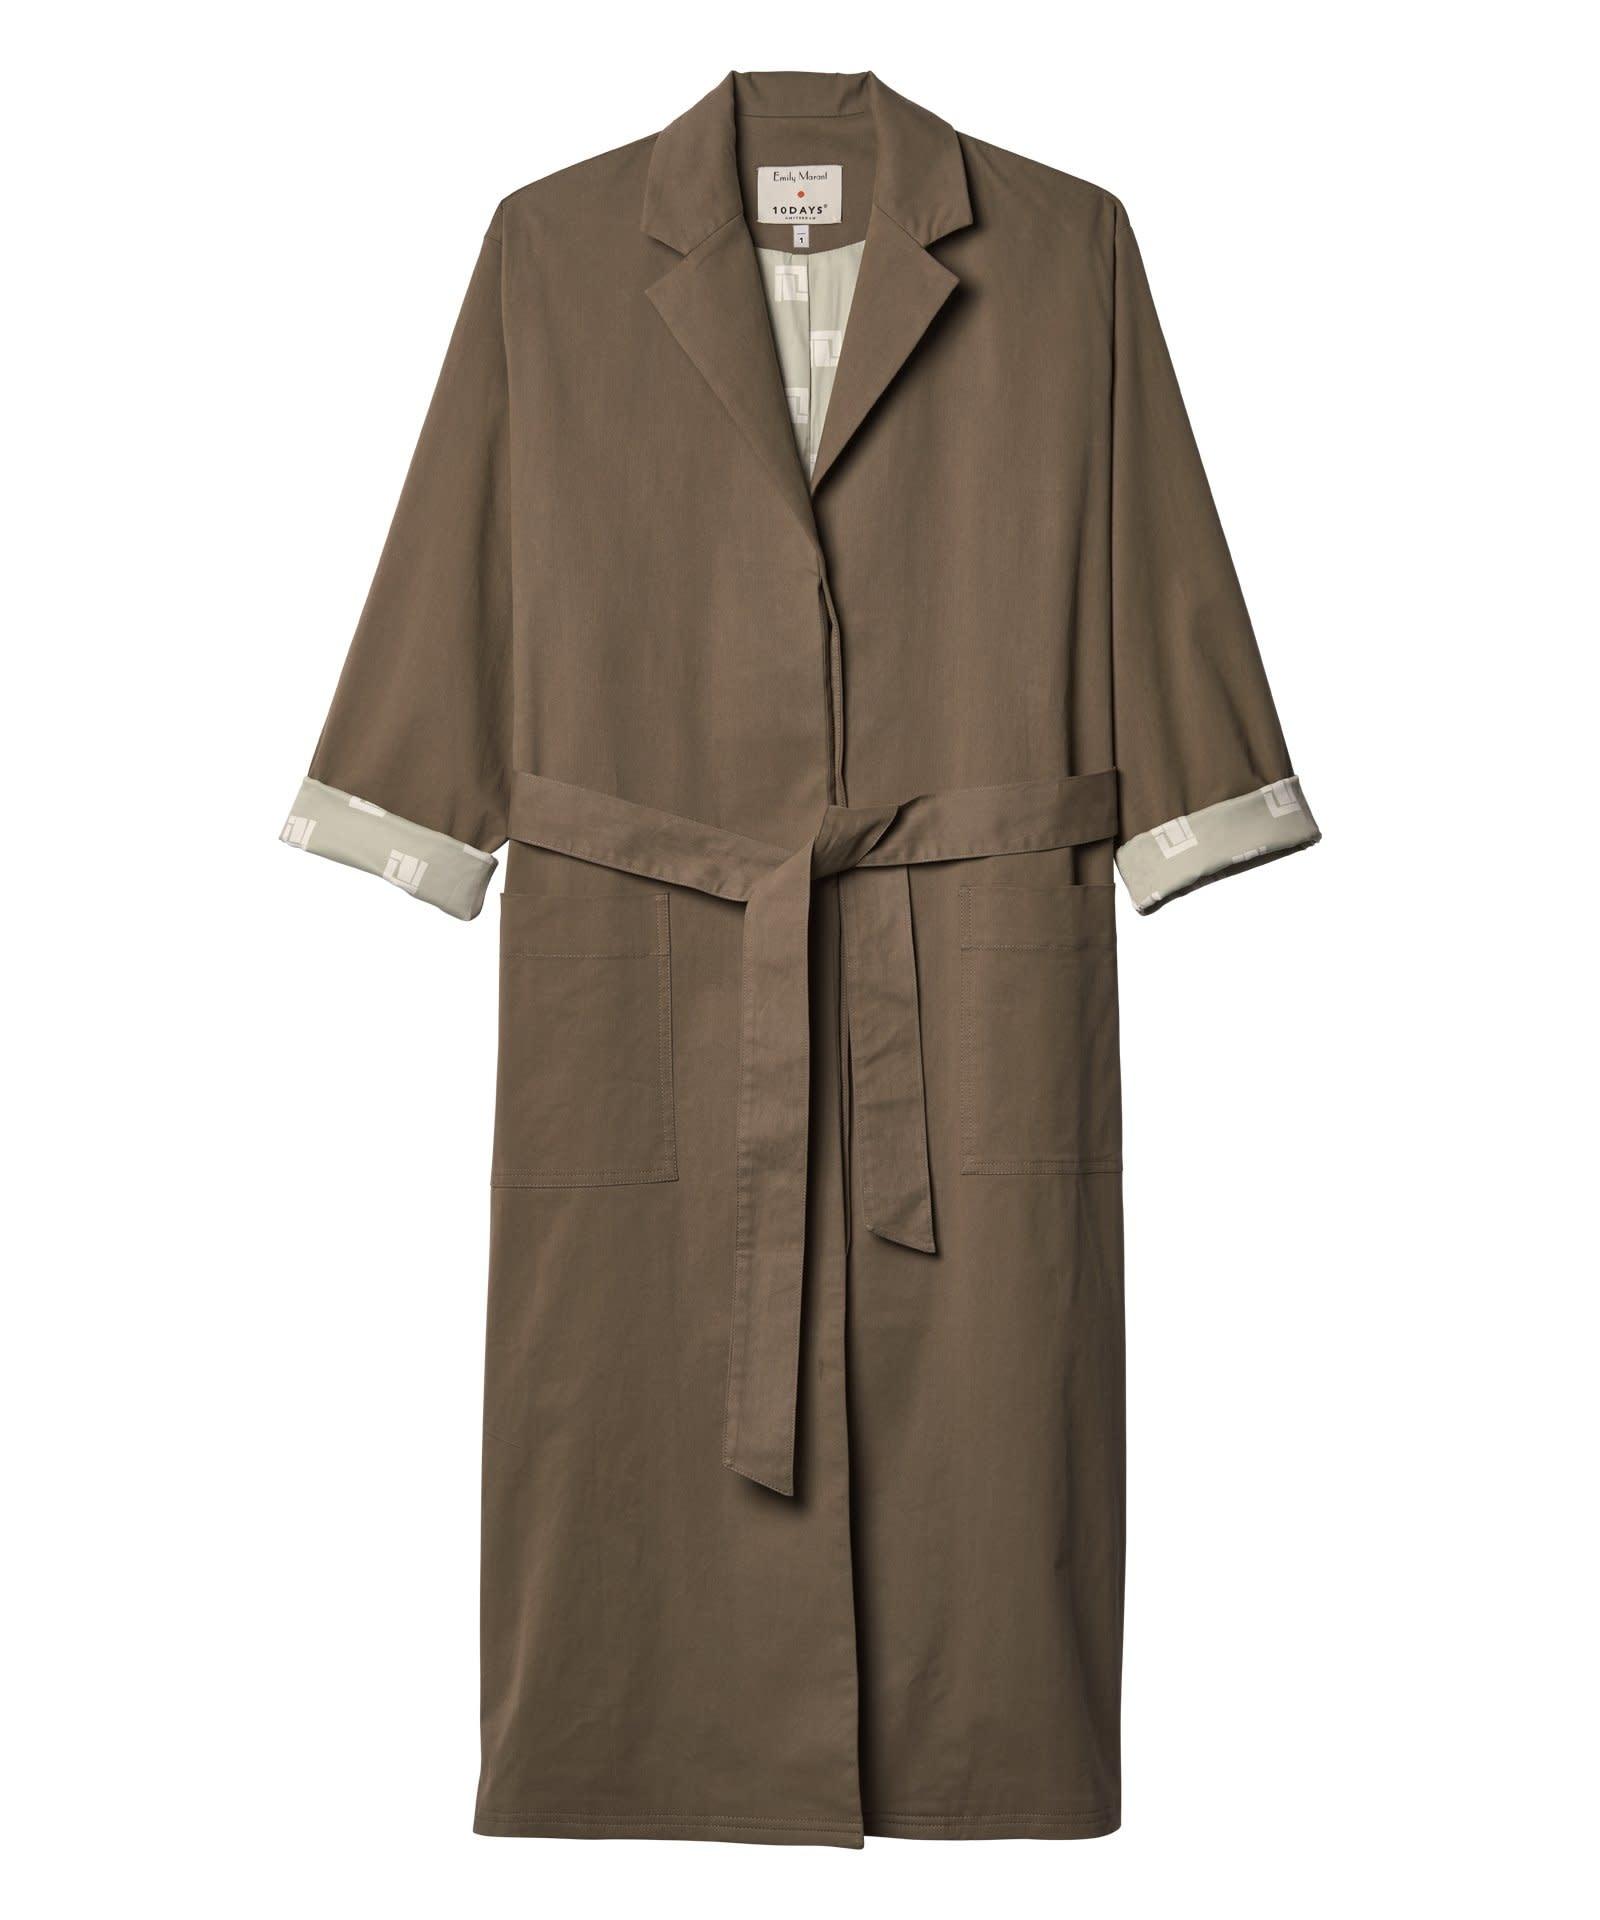 Jas No2 Trench Coat Emily Marant-1